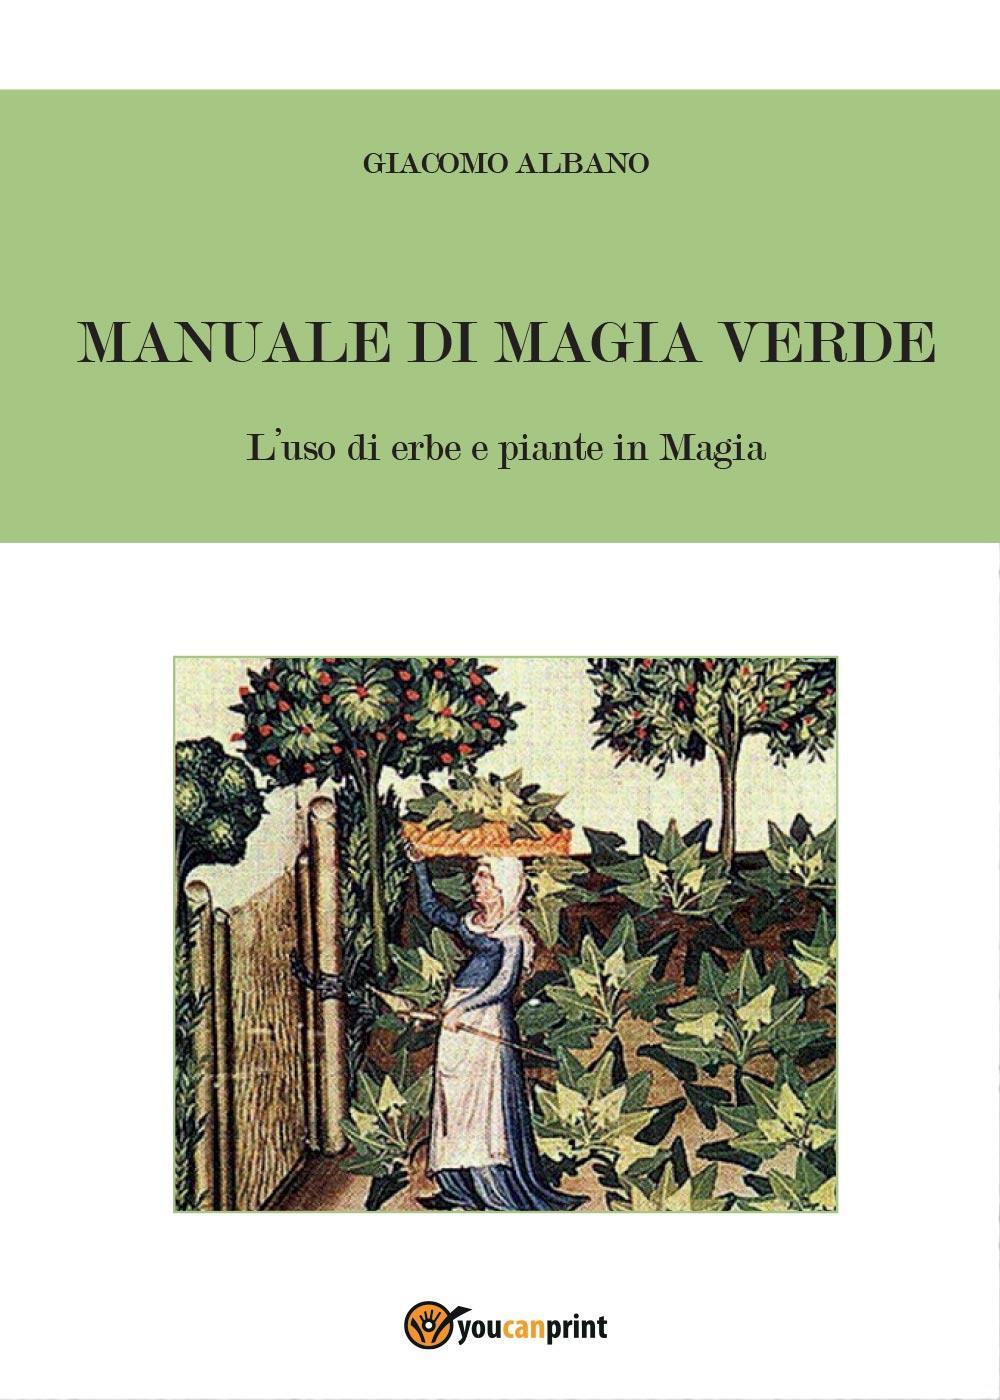 Manuale di Magia Verde. L'uso di erbe e piante in Magia